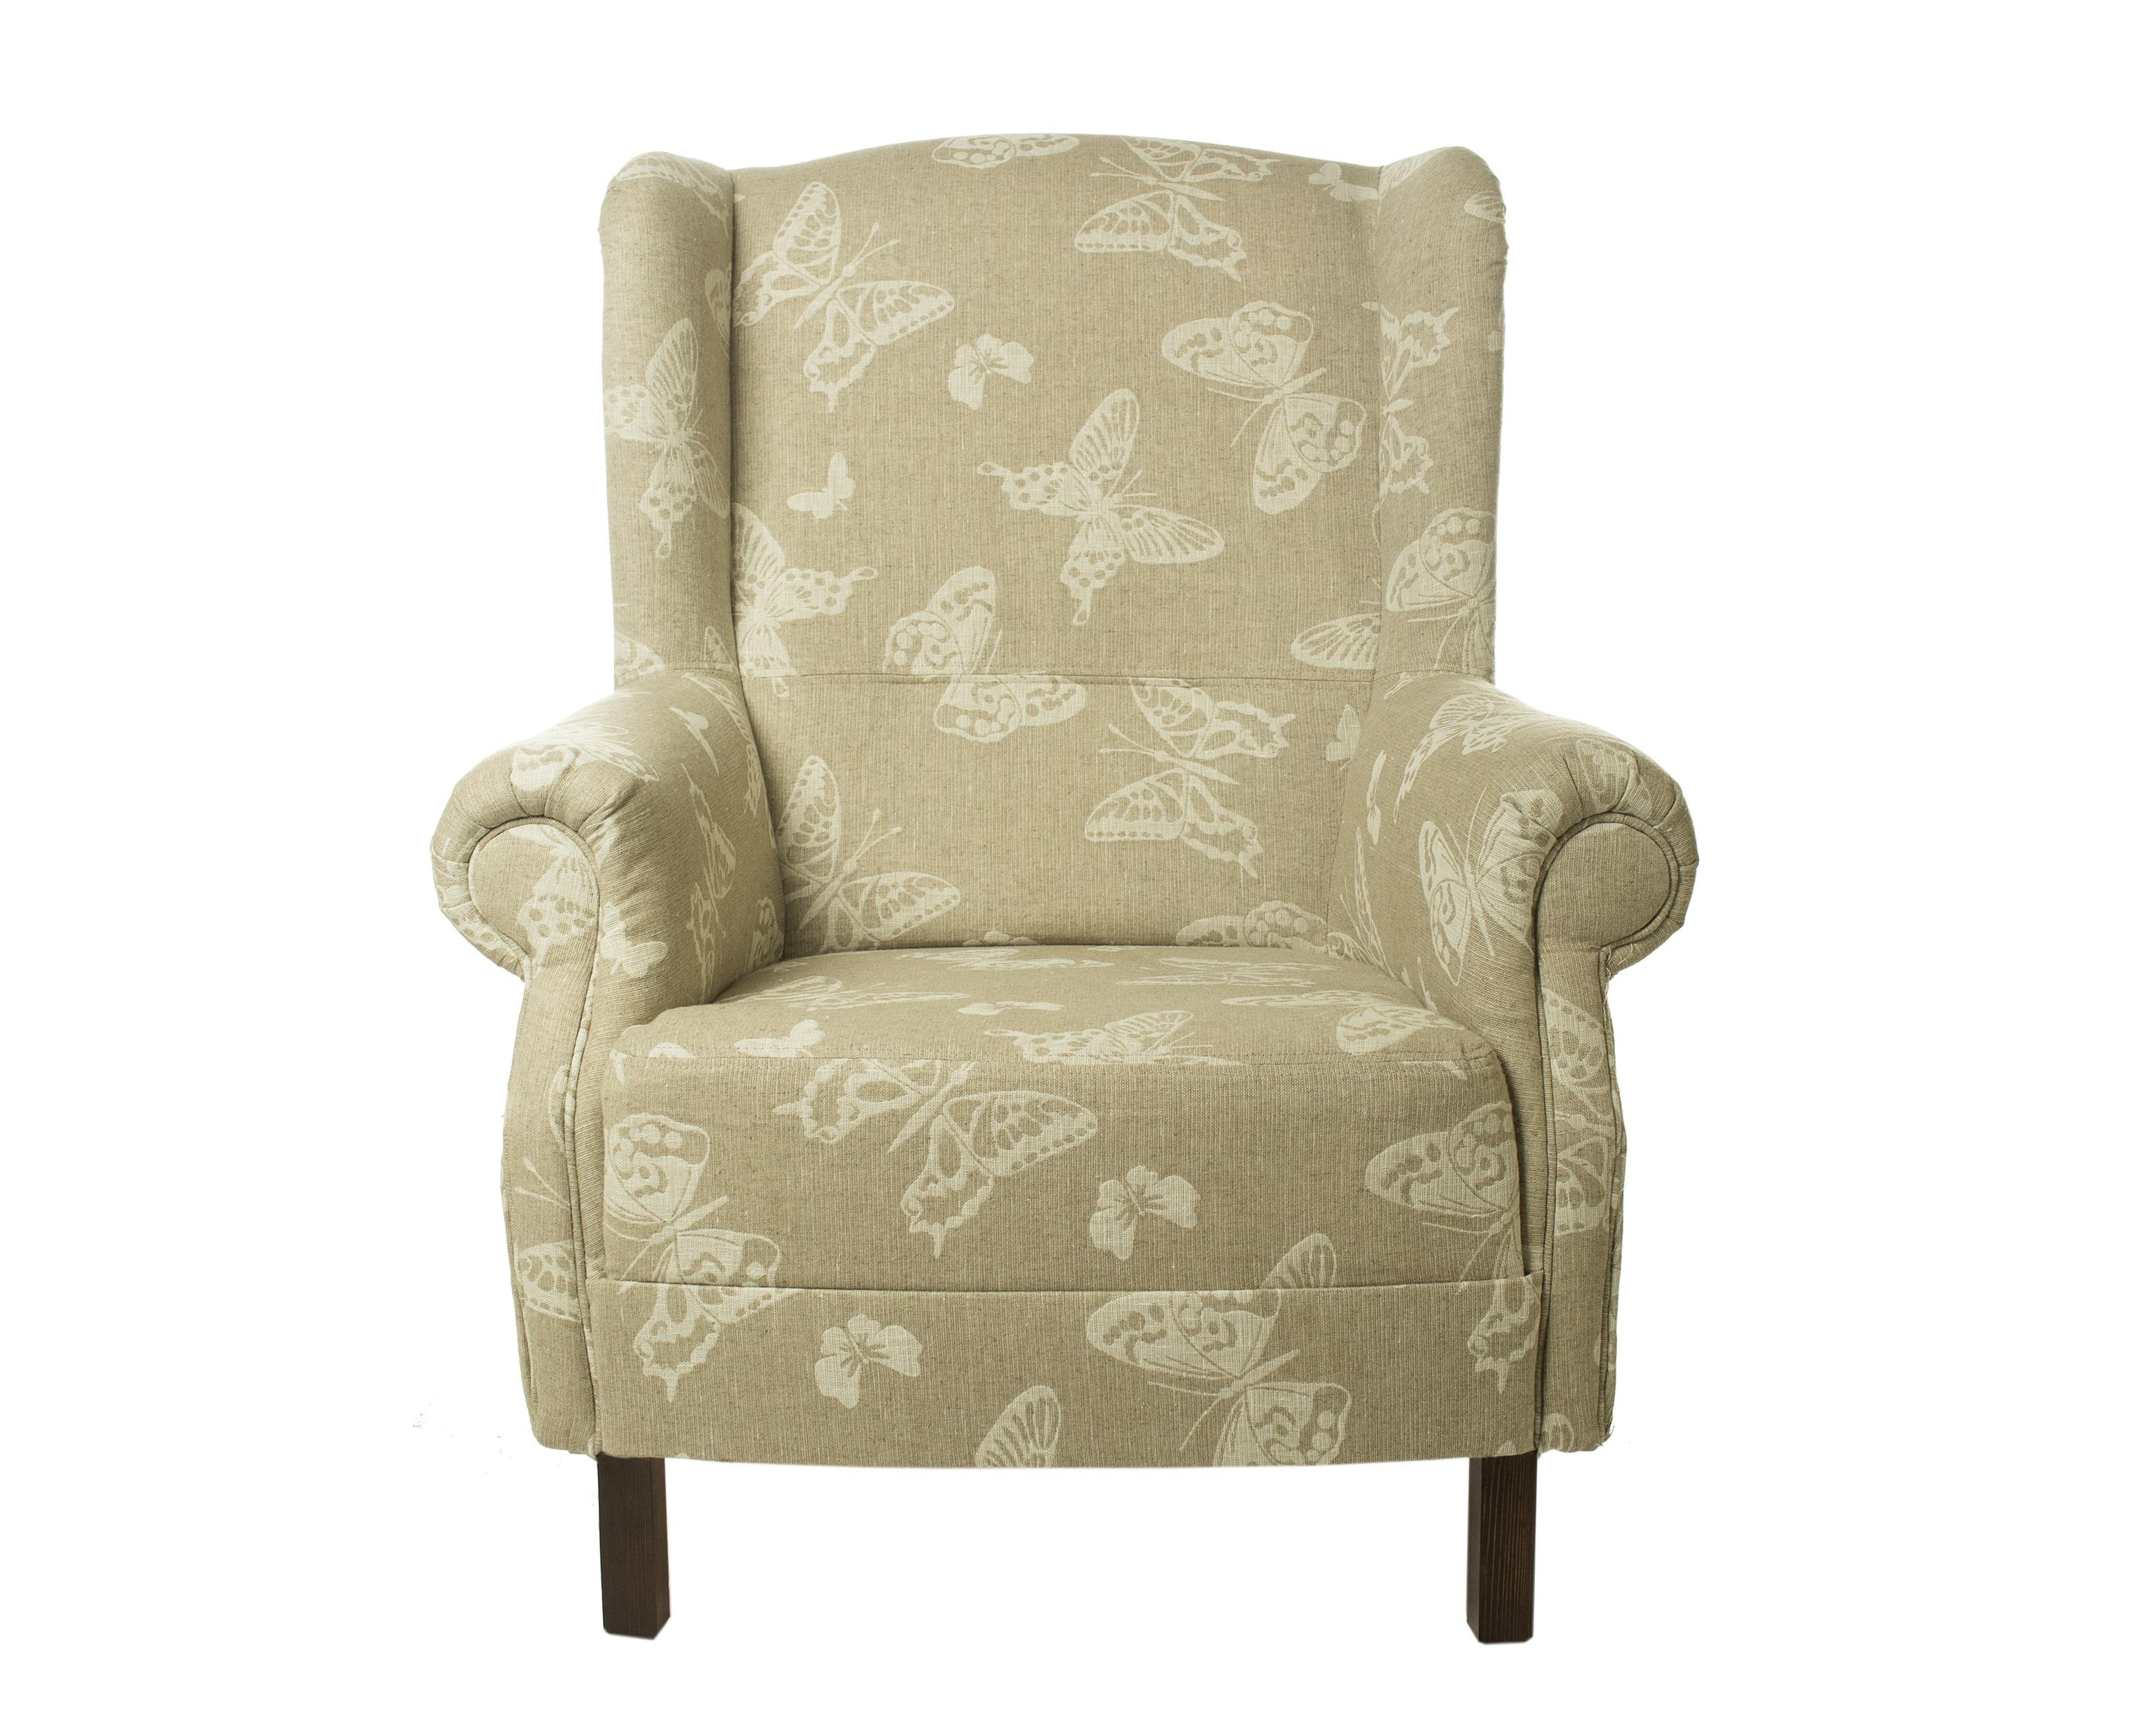 Кресло с орнаментом БабочкиКресла с высокой спинкой<br>Стиль Жуи родом из Франции 8-го века. В ту пору стали модными одноцветные принты, изображающие поэтичные сценки из простой сельской жизни на белом или бежевом фоне. Мягкая мебедь Жуи Бордо отличается высоким качеством изготовления и станет прекрасным подарком или приобретением, для тех кто любит уют и стиль в стиле Кантри и Прованс.Коллекция мягкой мебели и текстиля, выполненного из ткани с единым орнаментом поможет Вам создать неповторимый дух Прованса, либо старой Англии в любом, даже небольшом помещении.Ткань, используемая для обивки мягкой мебели и изготовления текстиля - 100% хлопок. Удобное, стильное кресло Жюи Бордо, мягкая мебель прованс и кантри. Рисунок - полоска.&amp;amp;nbsp;&amp;lt;div&amp;gt;&amp;lt;br&amp;gt;&amp;lt;/div&amp;gt;&amp;lt;div&amp;gt;Глубина сиденья -55 см.&amp;lt;/div&amp;gt;&amp;lt;div&amp;gt;&amp;lt;span style=&amp;quot;font-size: 14px;&amp;quot;&amp;gt;Материал: каркас из массива бука, пружинный, ткань - 100% хлопок.&amp;lt;/span&amp;gt;&amp;lt;br&amp;gt;&amp;lt;/div&amp;gt;<br><br>Material: Хлопок<br>Length см: None<br>Width см: 87<br>Depth см: 88<br>Height см: 100<br>Diameter см: None